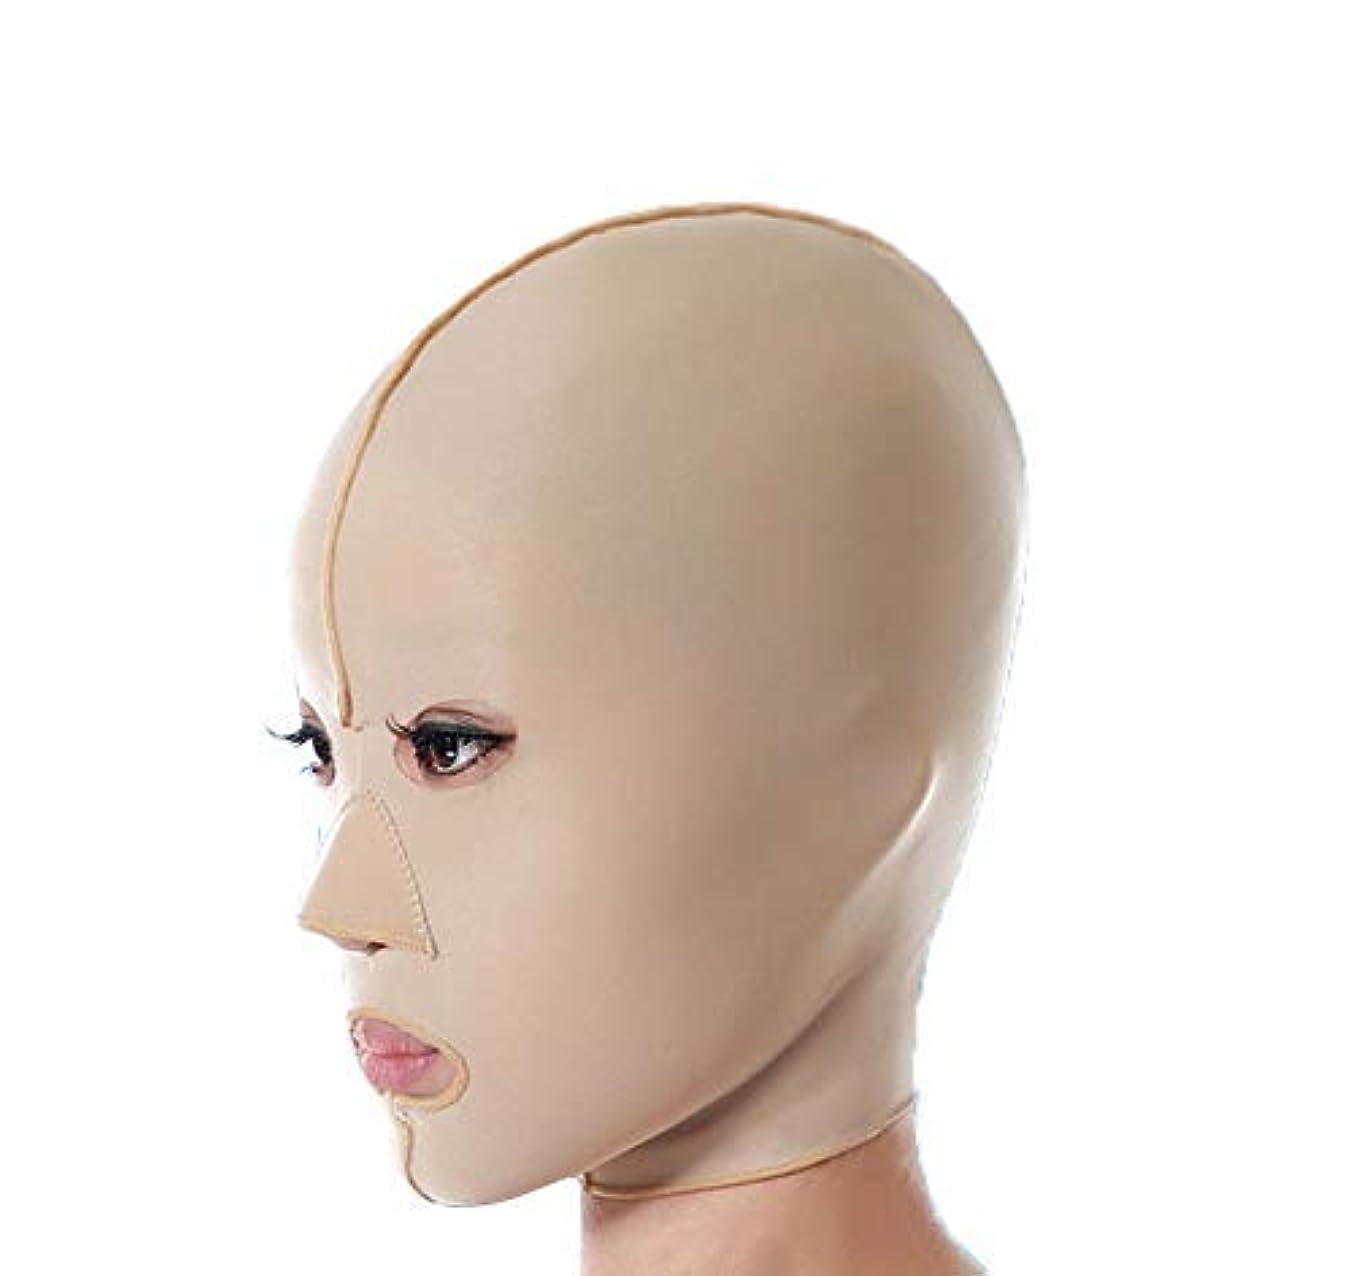 触手計器愛ファーミングフェイスマスク、フェイシャルマスク医学強力なフェイスマスクアーティファクト美容垂れ防止法パターンフェイシャルリフティングファーミングフルフェイスマスク(サイズ:M),S